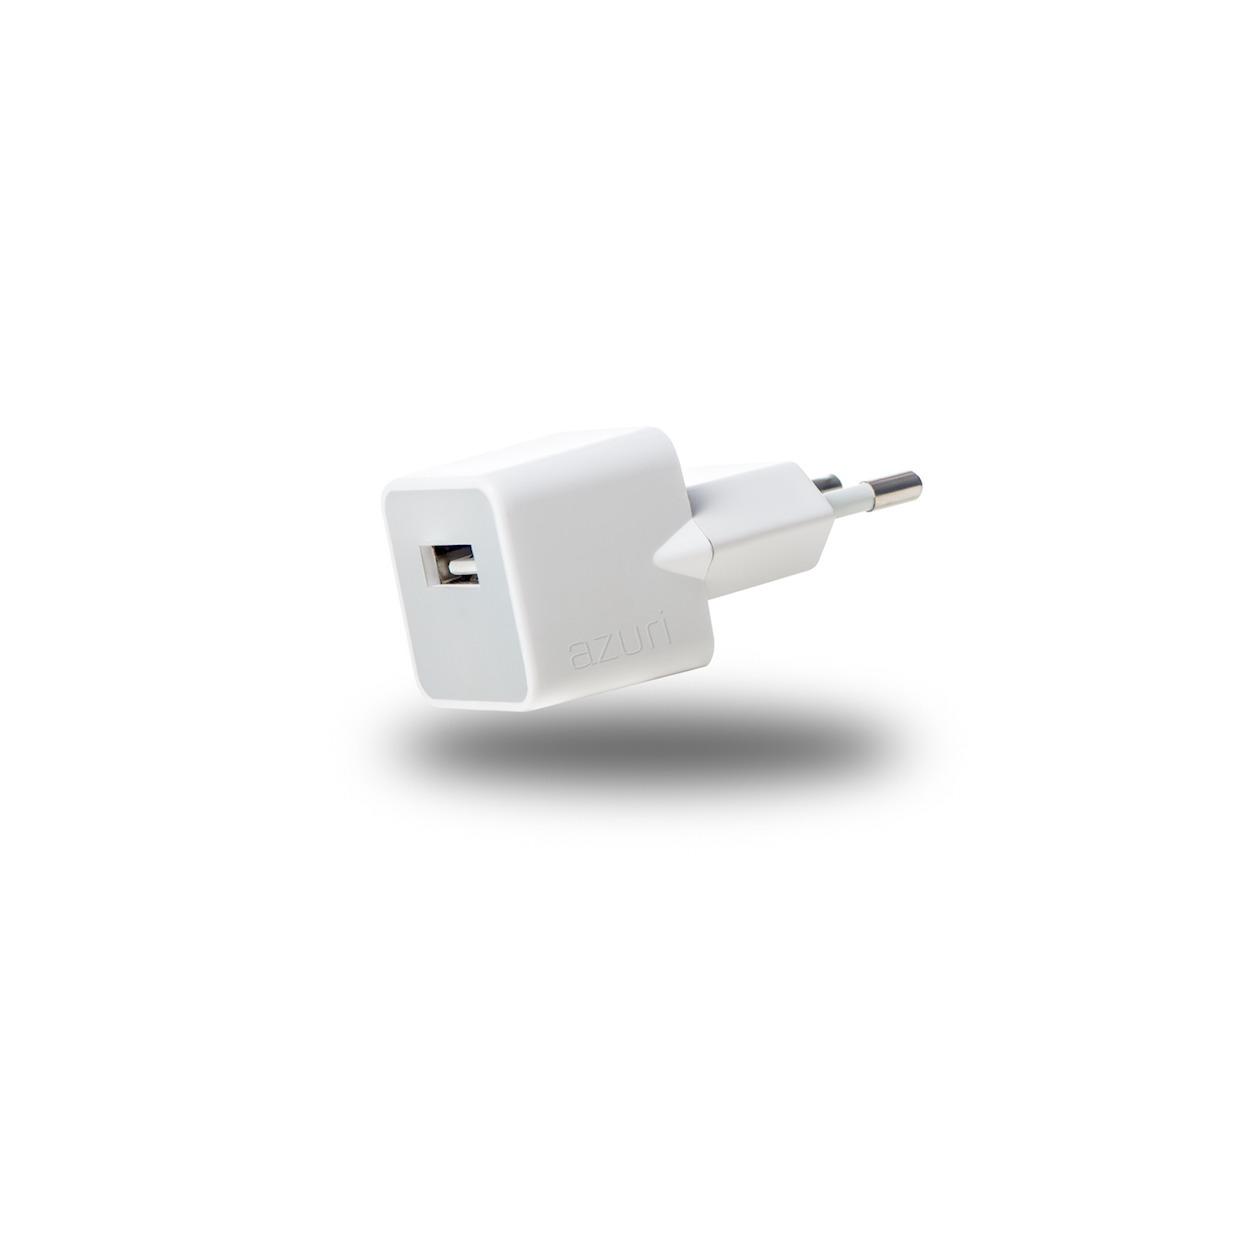 Op WoonWinkelCentrum: Alles voor de inrichting van uw woning is alles over phone te vinden: waaronder expert en specifiek Azuri oplader Thuislader 1 x USB 1Amp wit